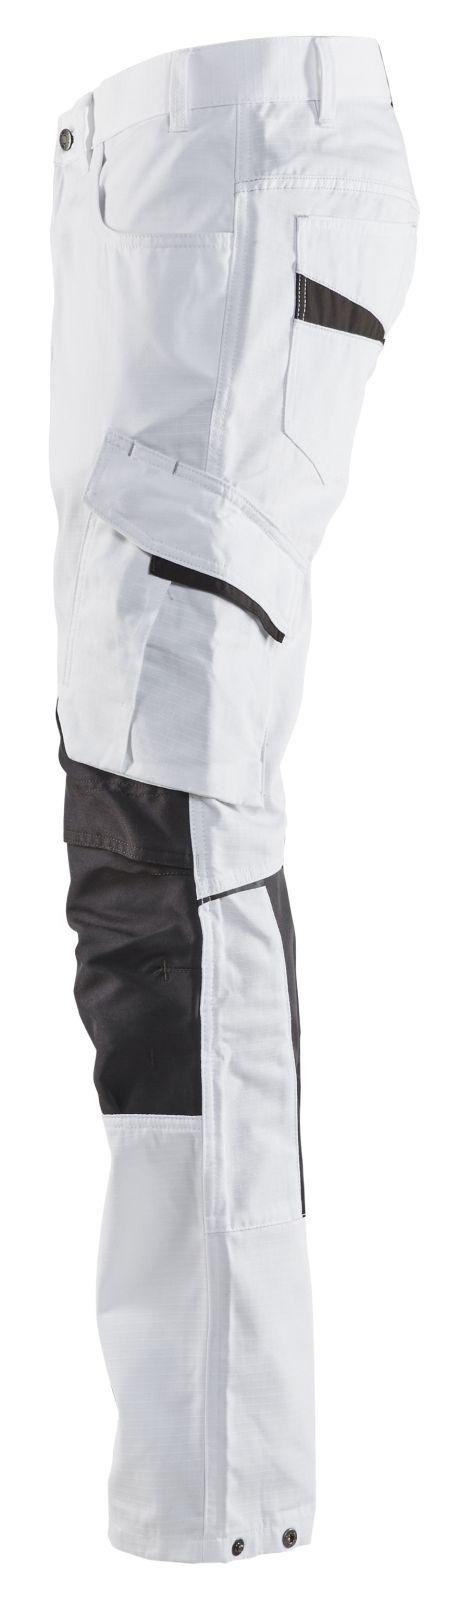 Blaklader Broeken 10951330 met Stretch wit-donkergrijs(1098)